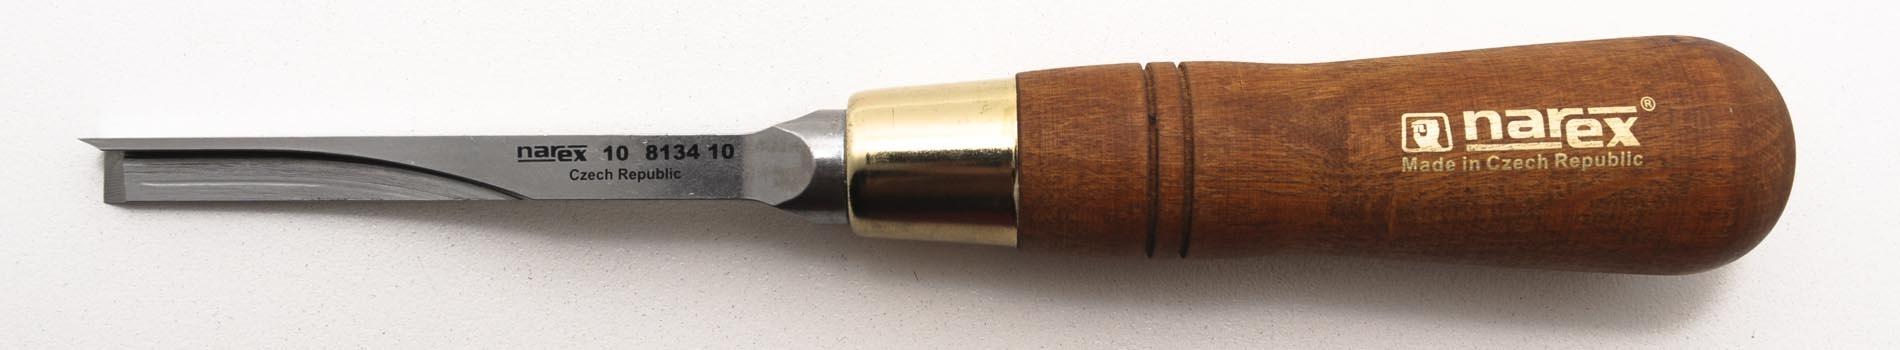 813410-Instalacion bisagras, chapas, formon 90° ancho 10mm Narex 813410-max-7.